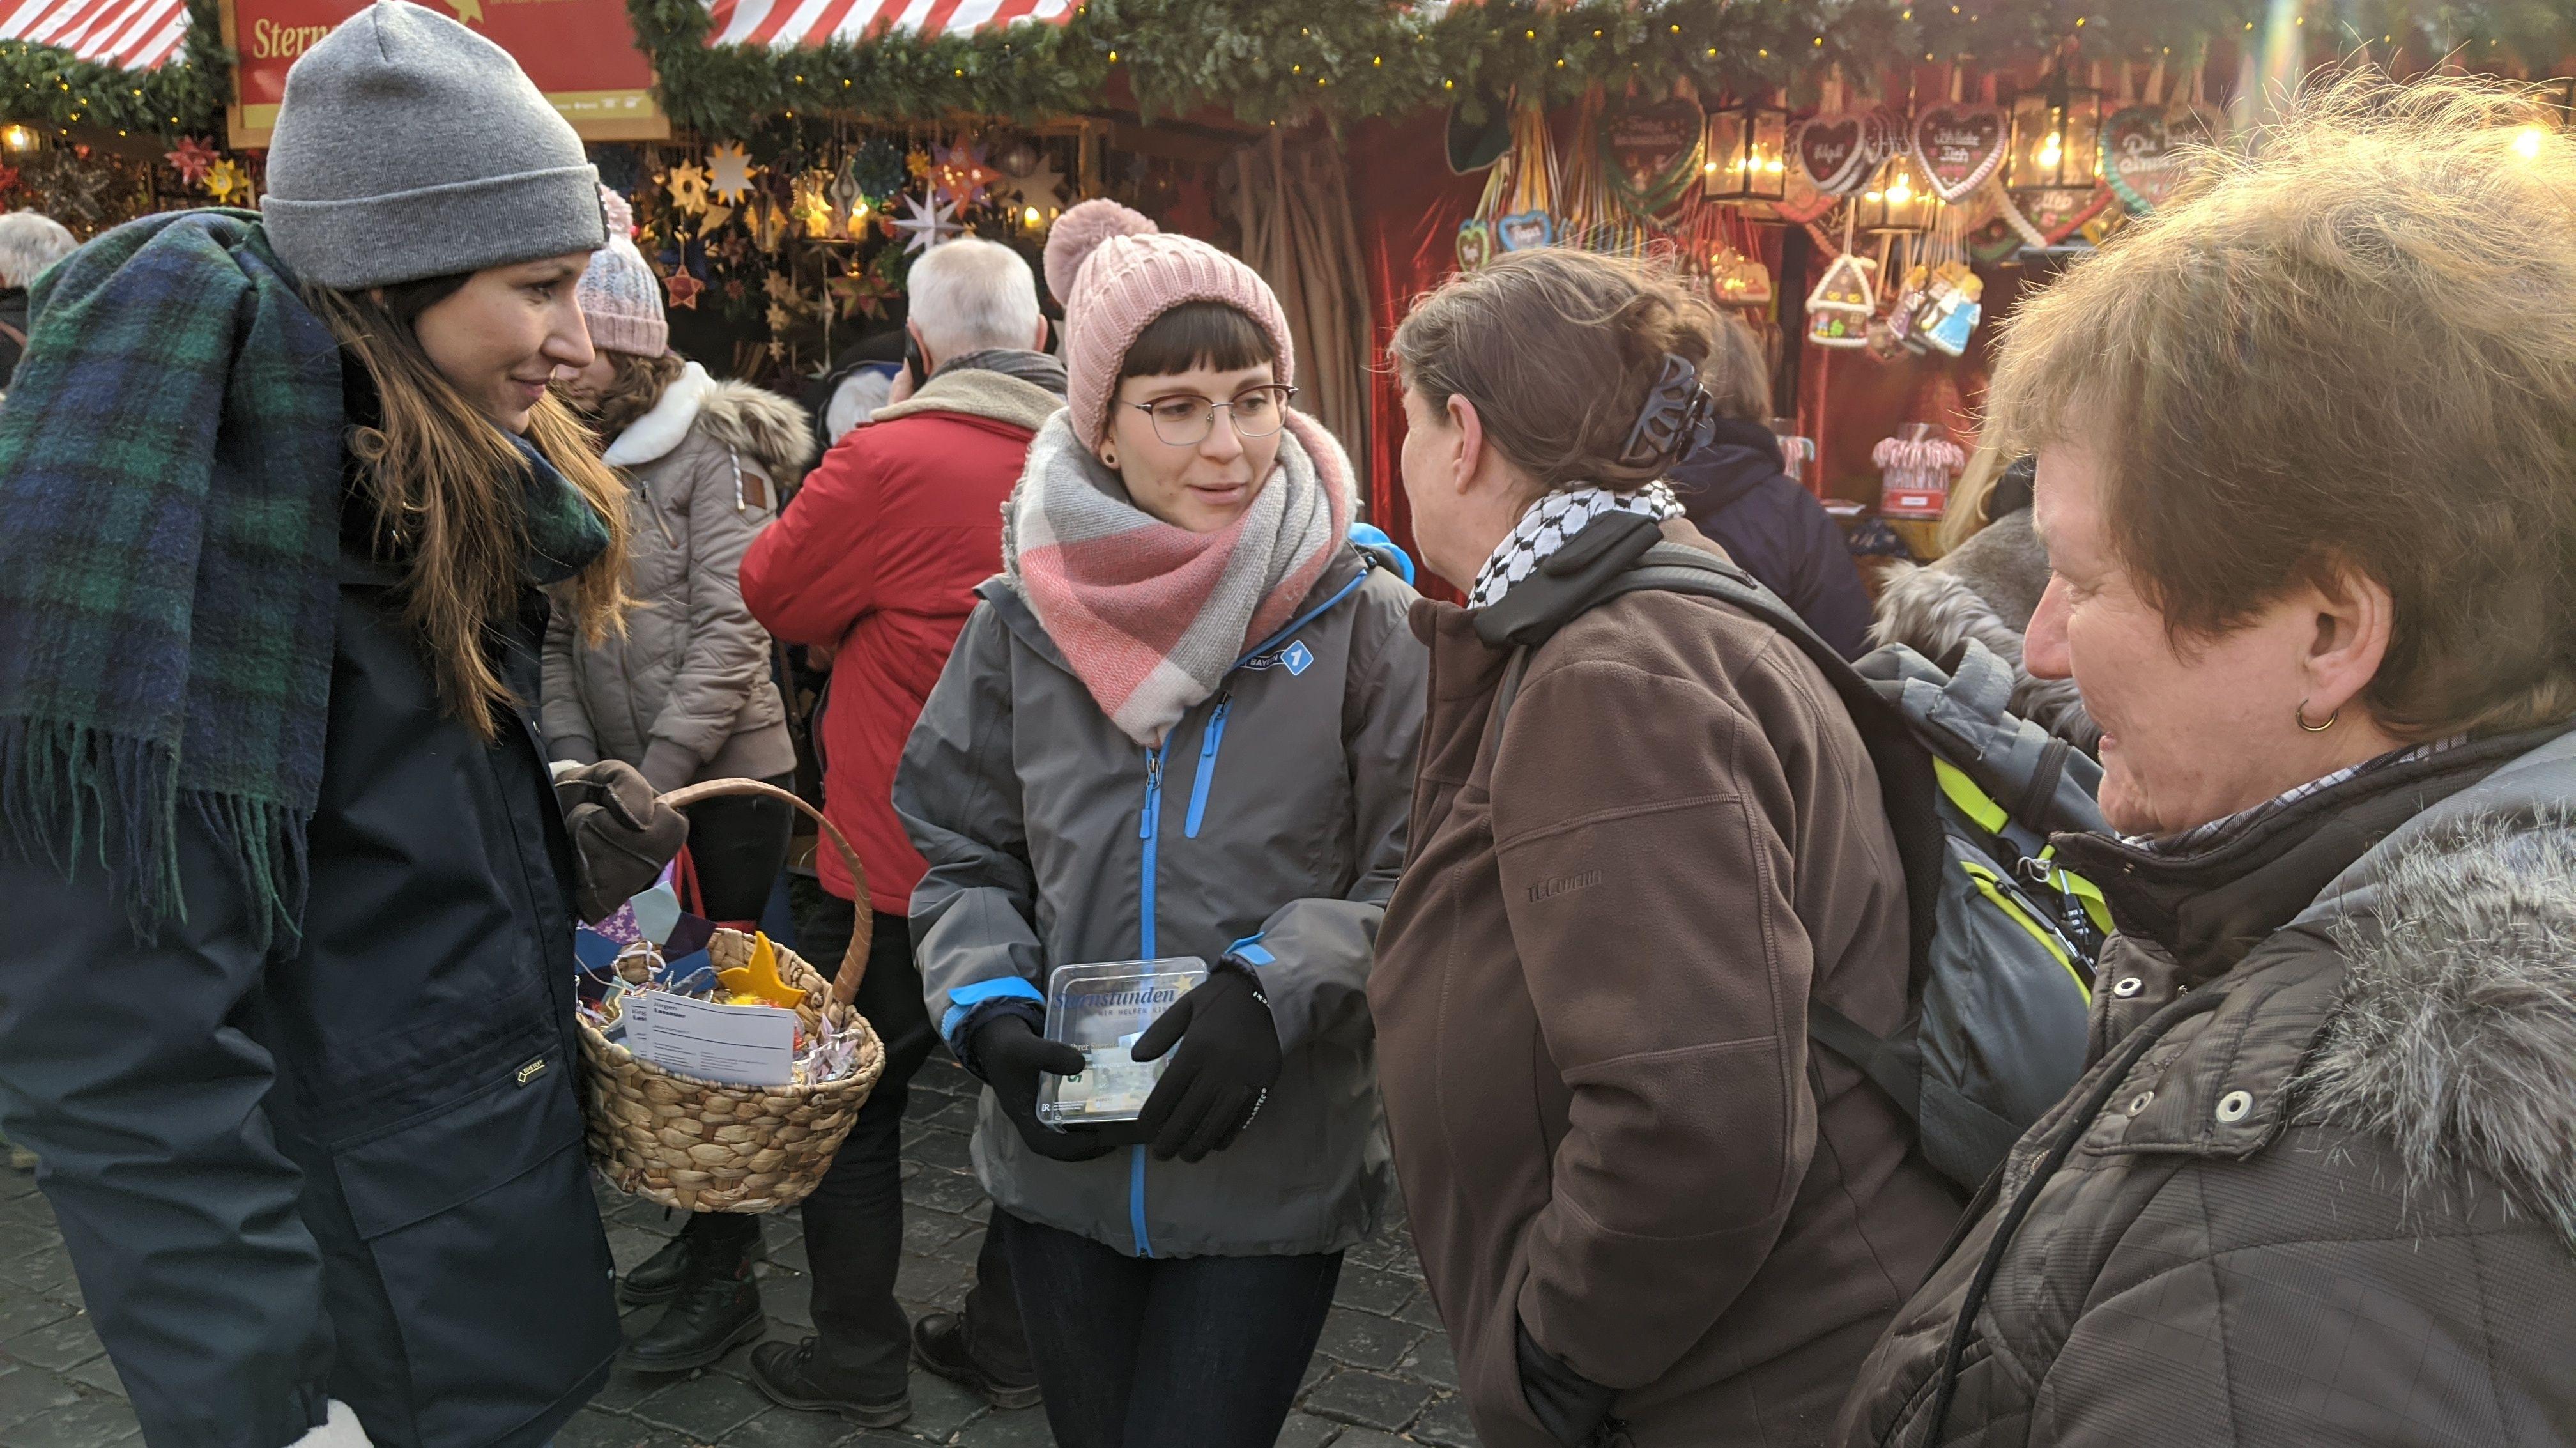 Laura Grun und Annika Svitil mit Sternekörbchen und Spendenbüchse im Gespräch mit Besucherinnen.